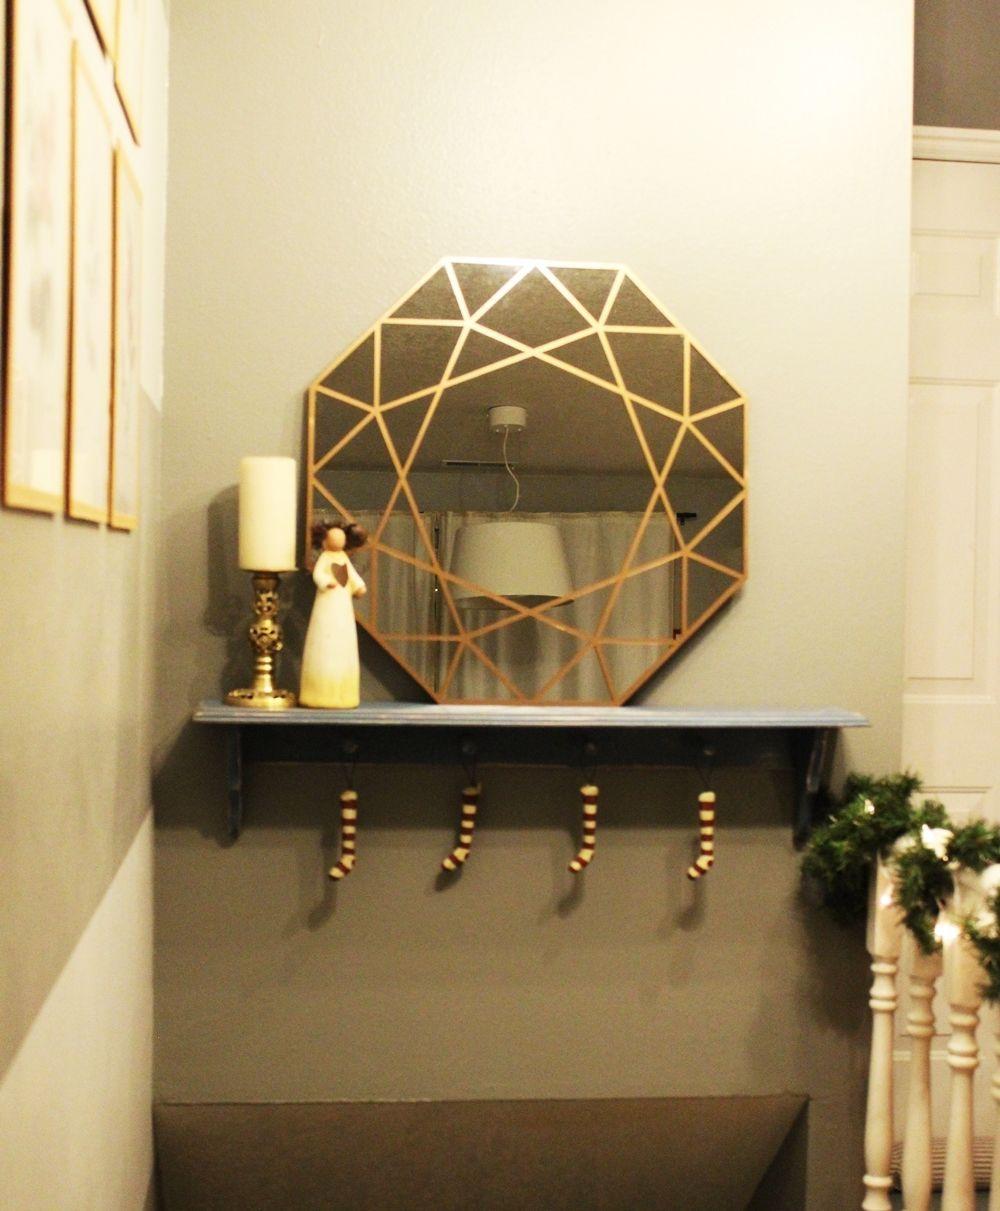 Wall DIY Gem Mirror